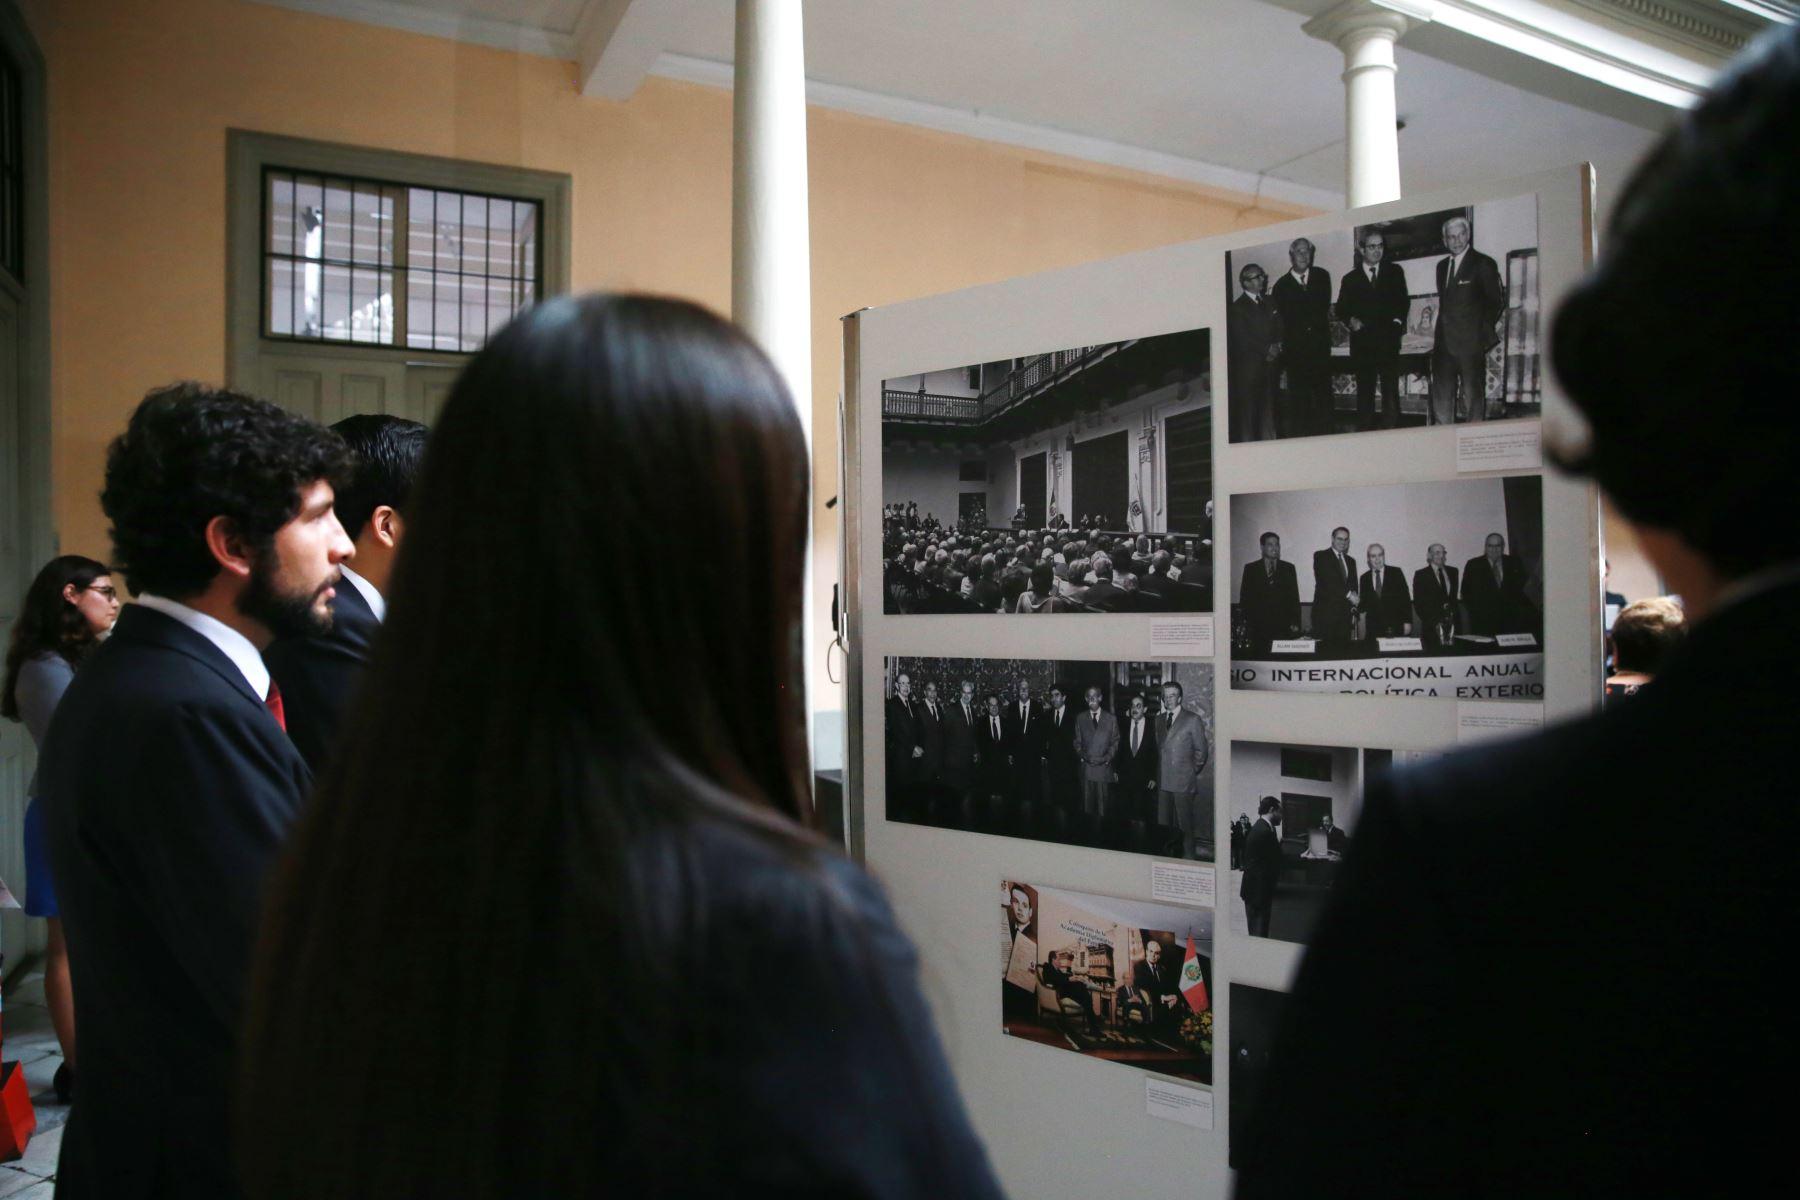 Ministro de Relaciones Exteriores, Embajador Gustavo Meza-Cuadra junto al Director de la Academia Diplomática del Perú,  Embajador Allan Wagner inauguran la muestra fotográfica en homenaje al Embajador Javier Perez de Cuéllar. Foto: ANDINA/Jhony Laurente